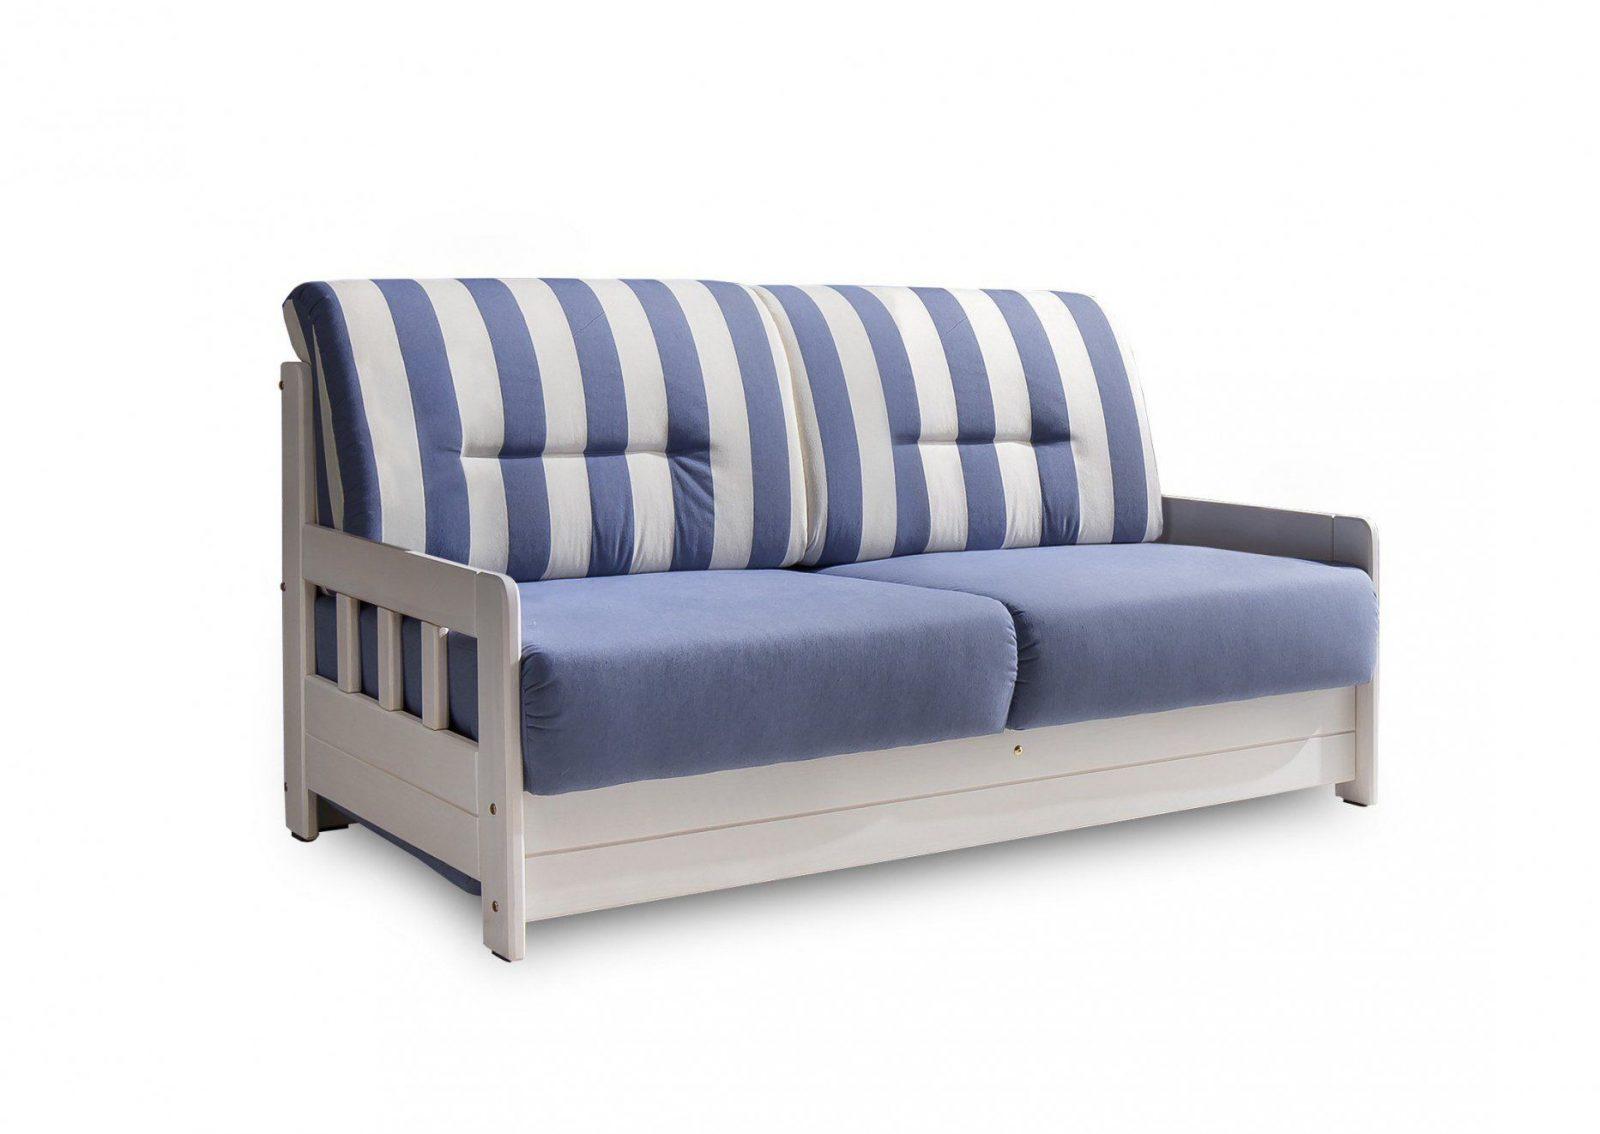 Campi Sofa Blauweißgestreift Von Benformato Möbel Letz  Ihr von Sofa Blau Weiß Gestreift Bild